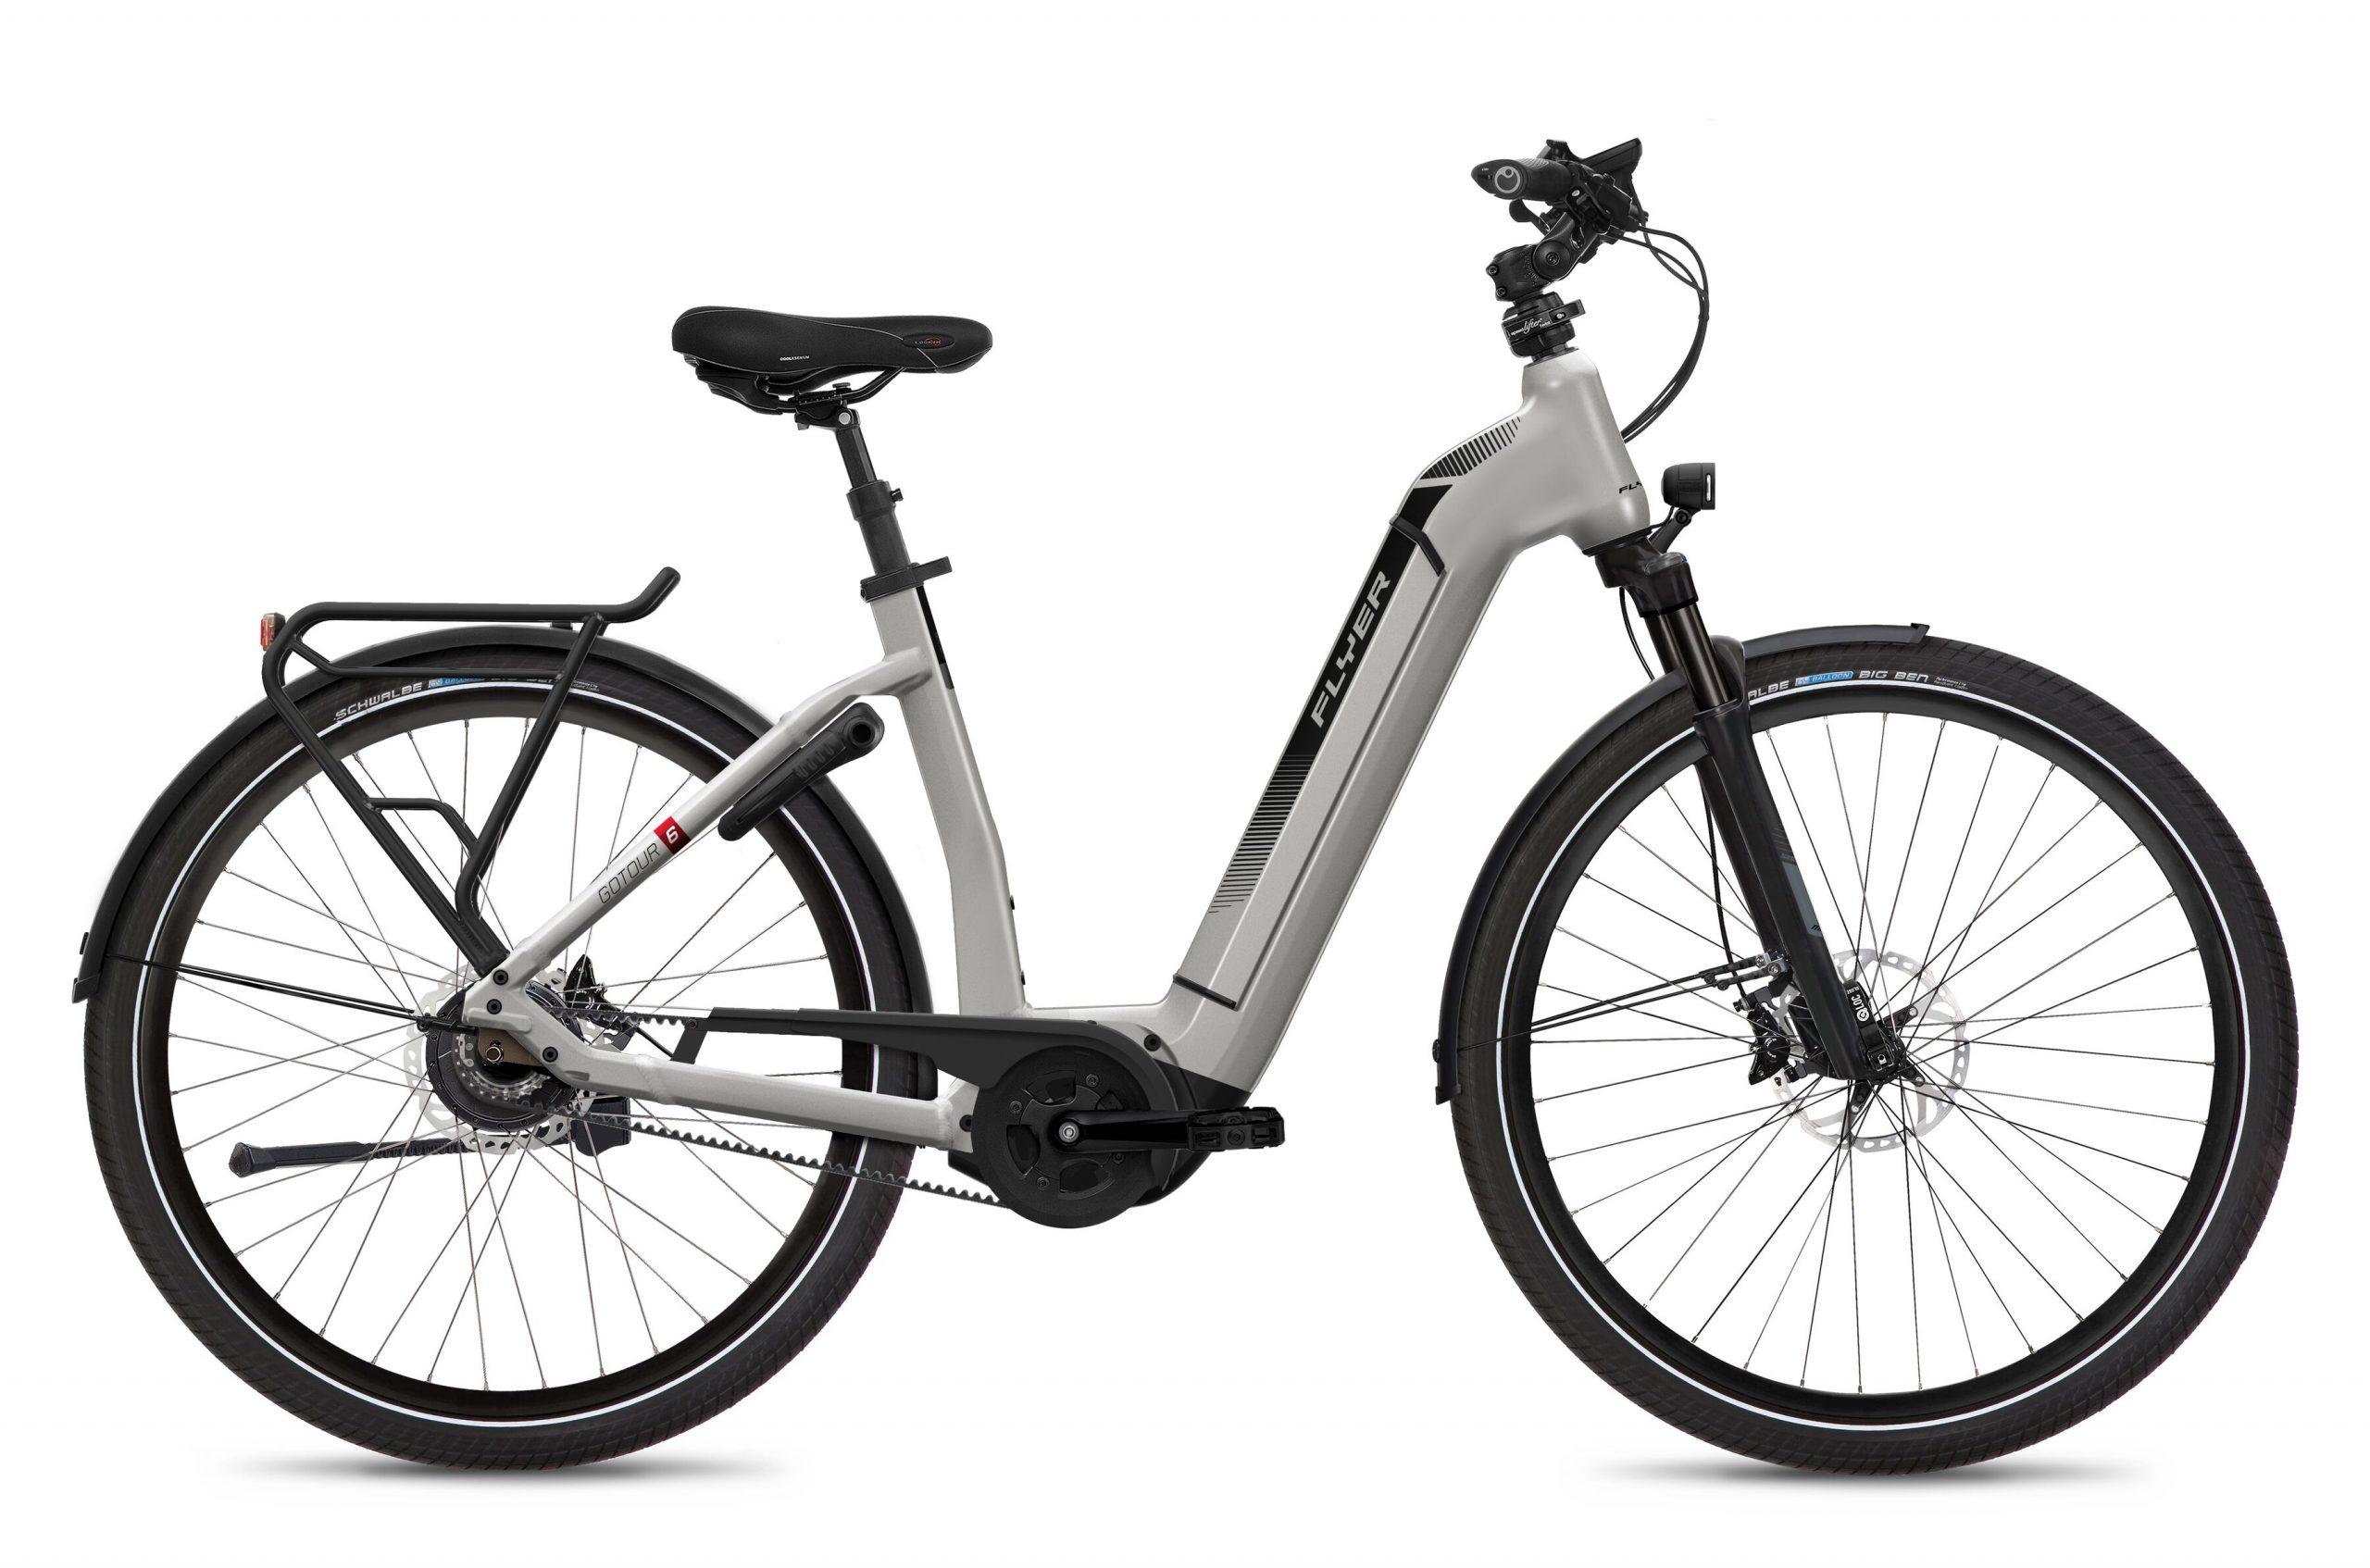 Online-FLYER_E-Bikes_MY21_Gotour6_783_Comfort_CastSilverGloss